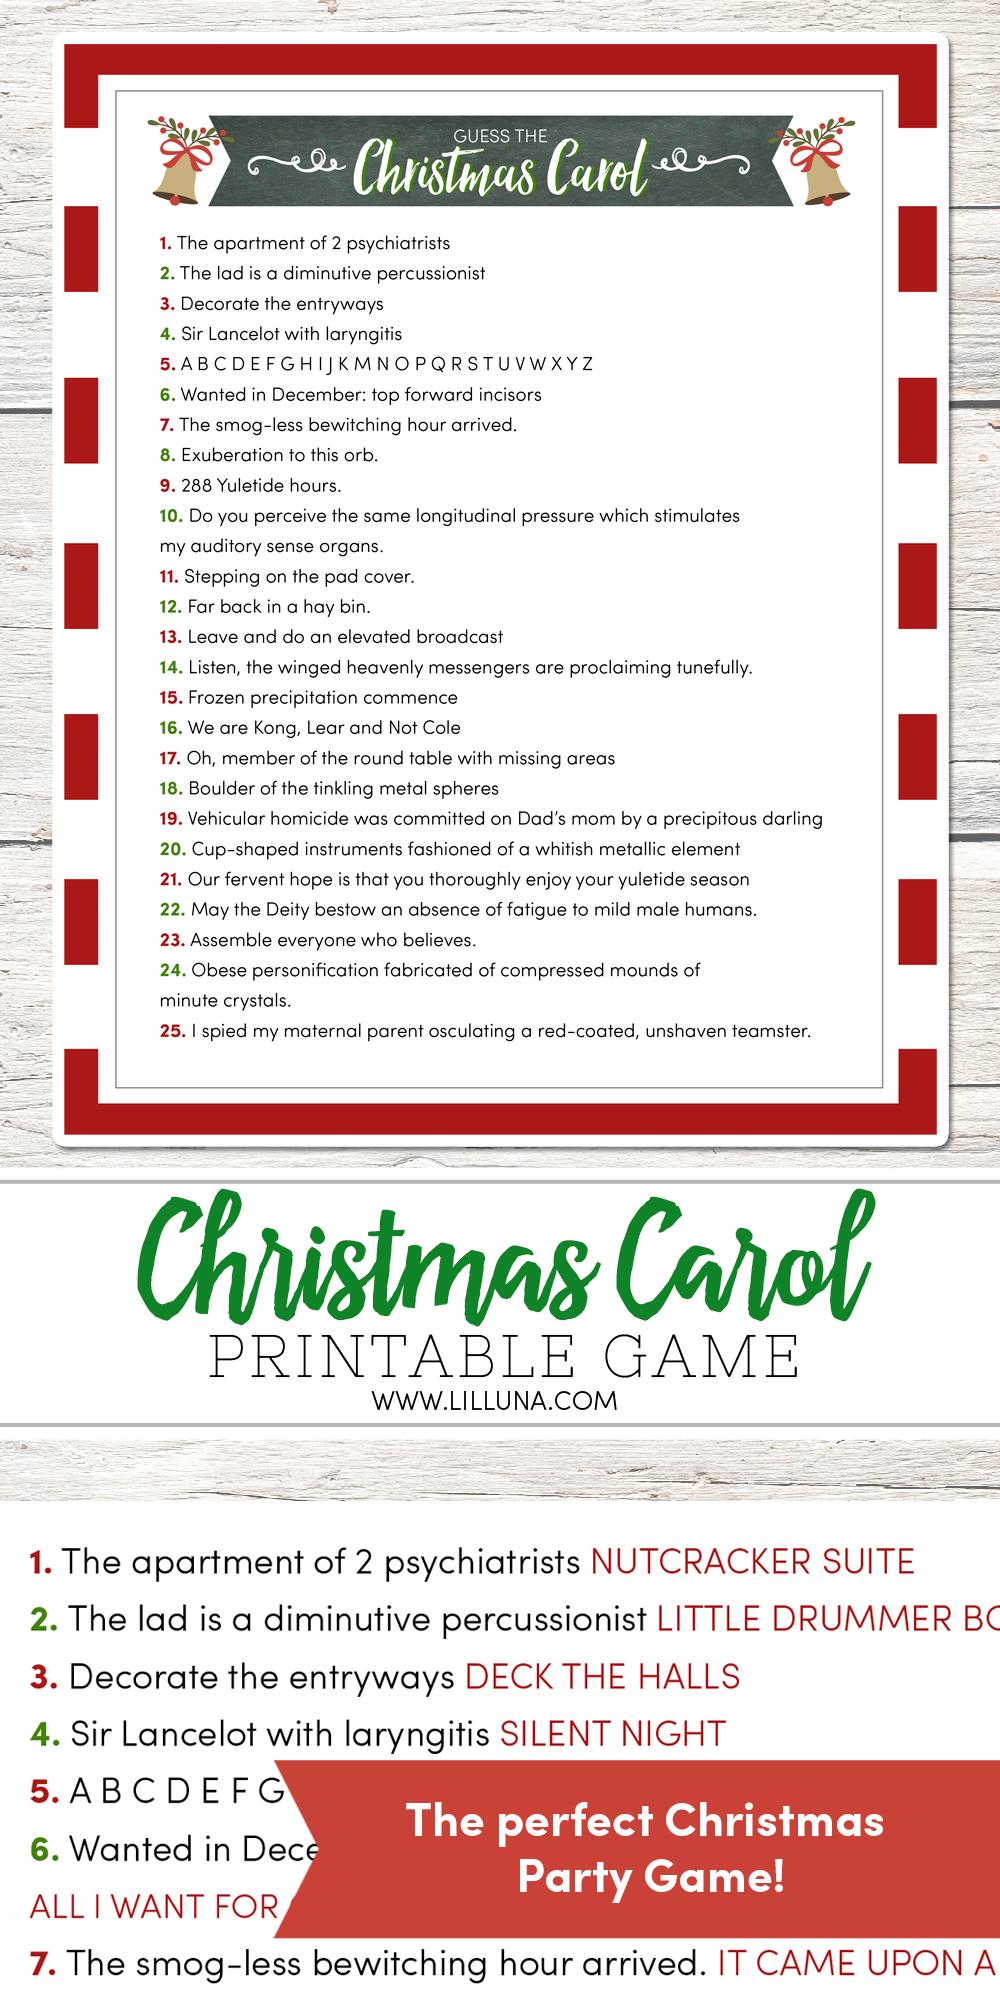 Guess The Christmas Carol Game | Lil' Luna | Christmas Party Games - Christmas Song Lyrics Game Free Printable